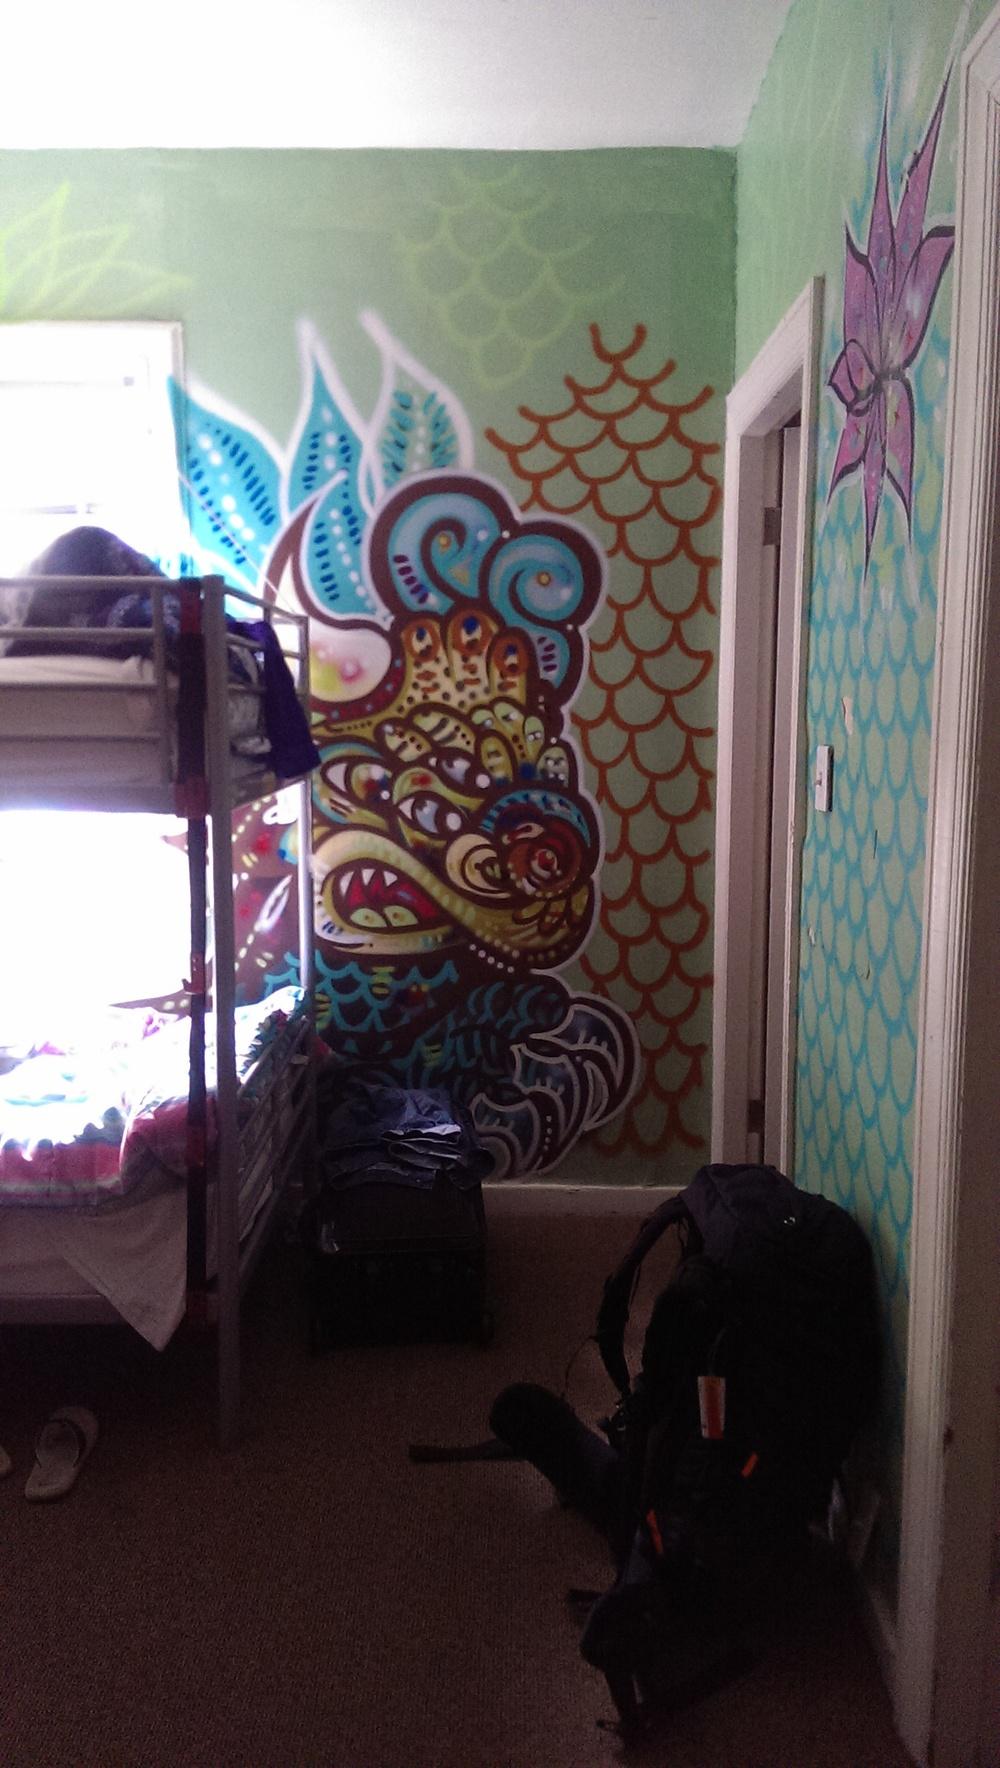 02 - room 205 at City Hostel